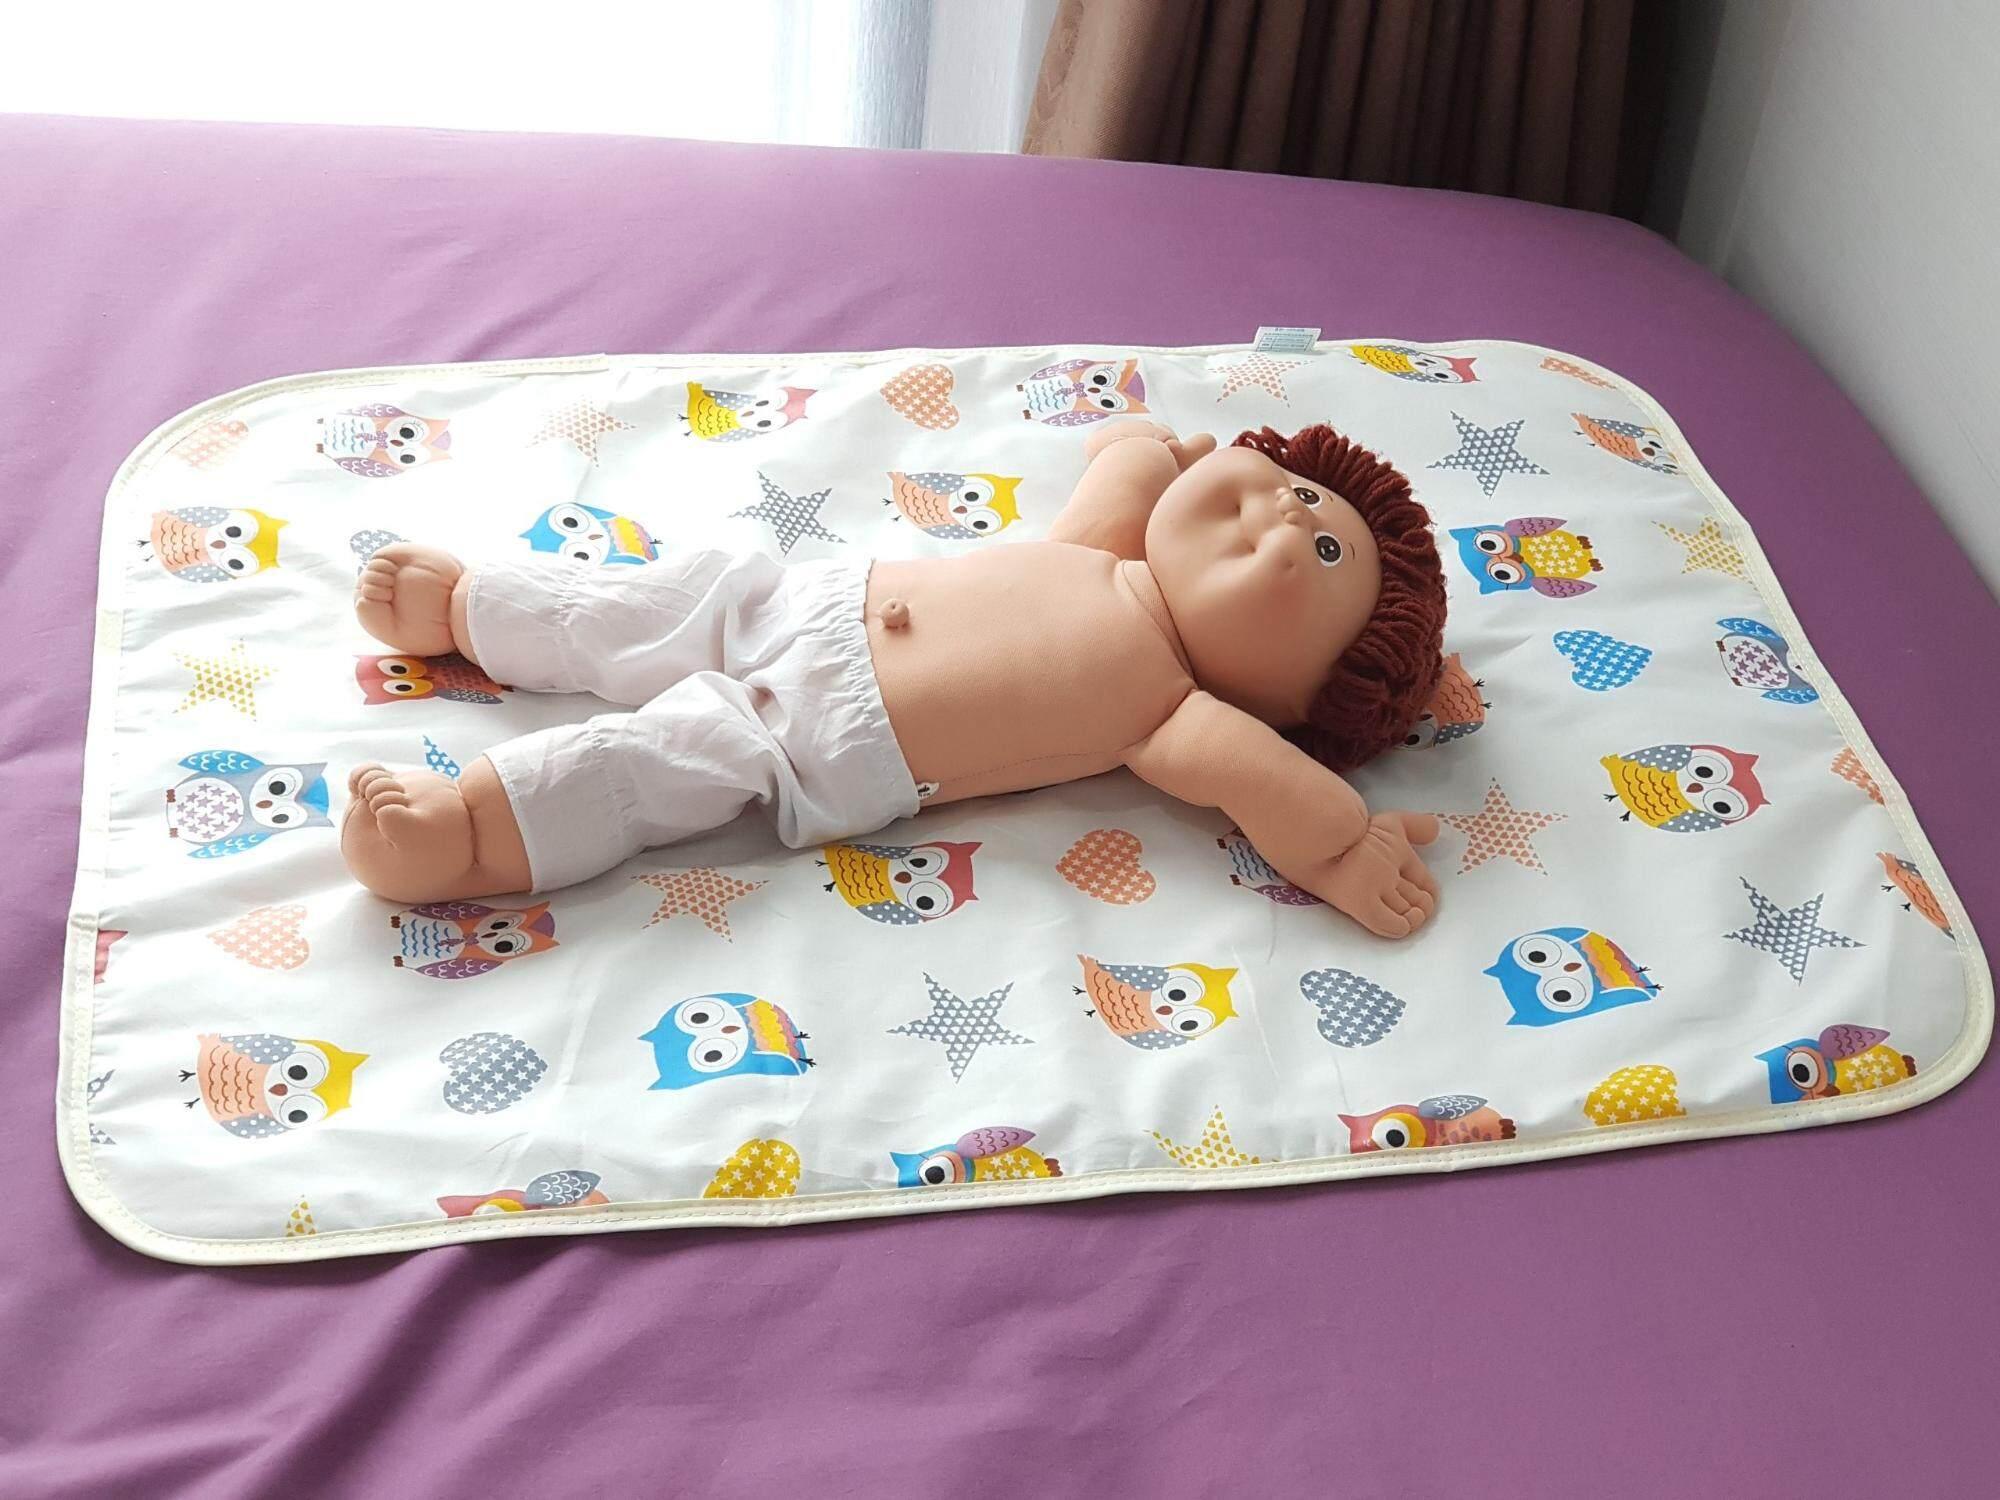 2 ผืน!! ผ้ารองกันเปื้อน ผ้ารองฉี่ กันน้ำ ผ้ารองเปลี่ยนผ้าอ้อม 50*70 เซน By Talay.